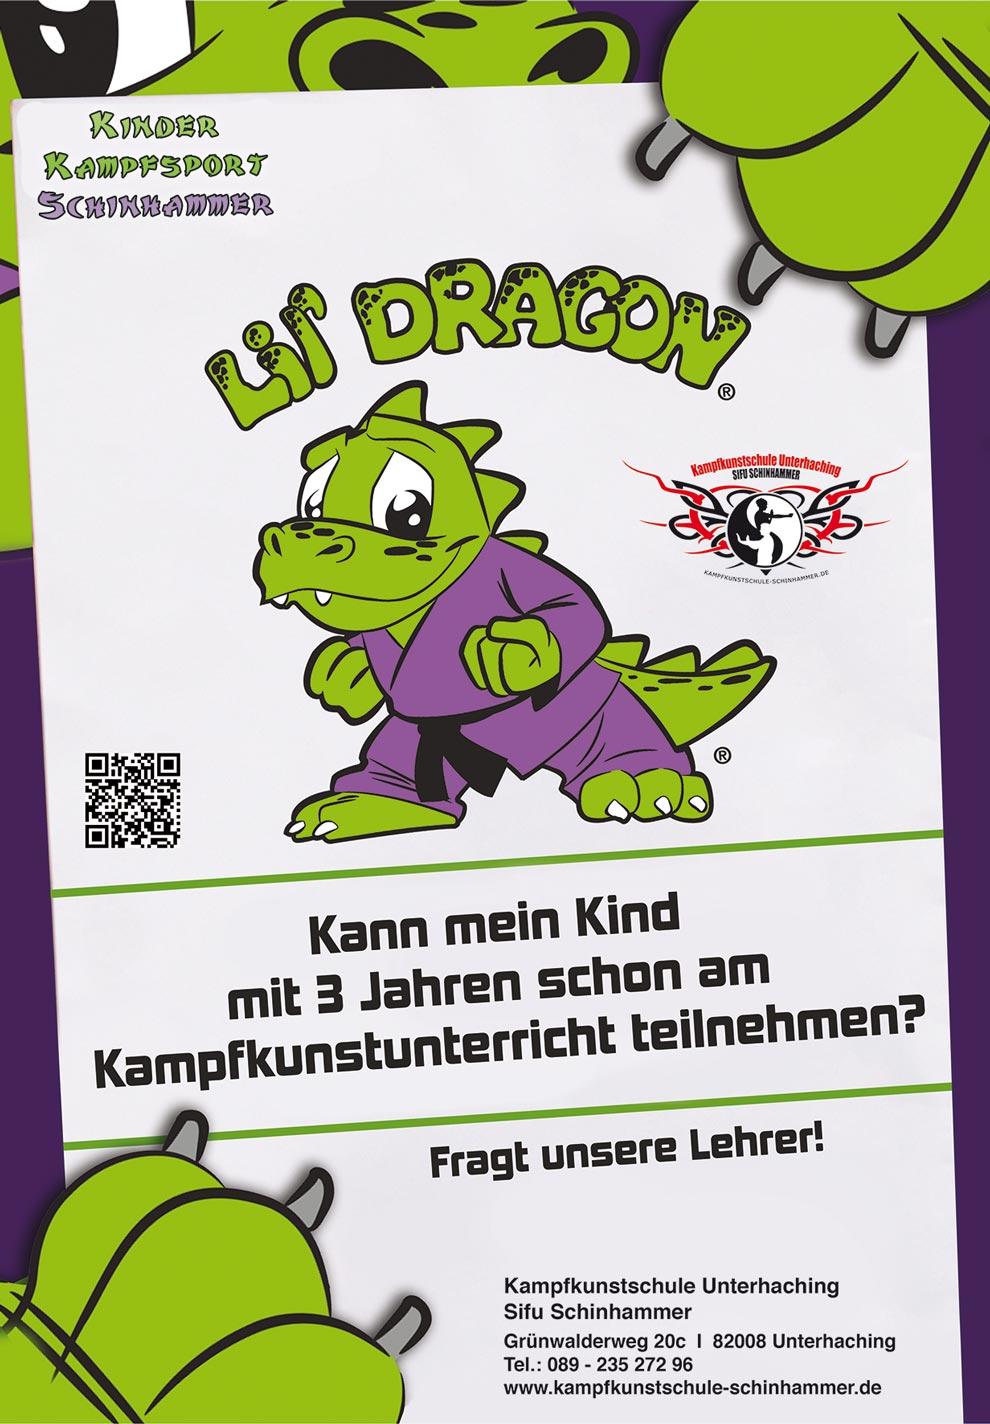 lil-dragons-schinhammer-muenchen